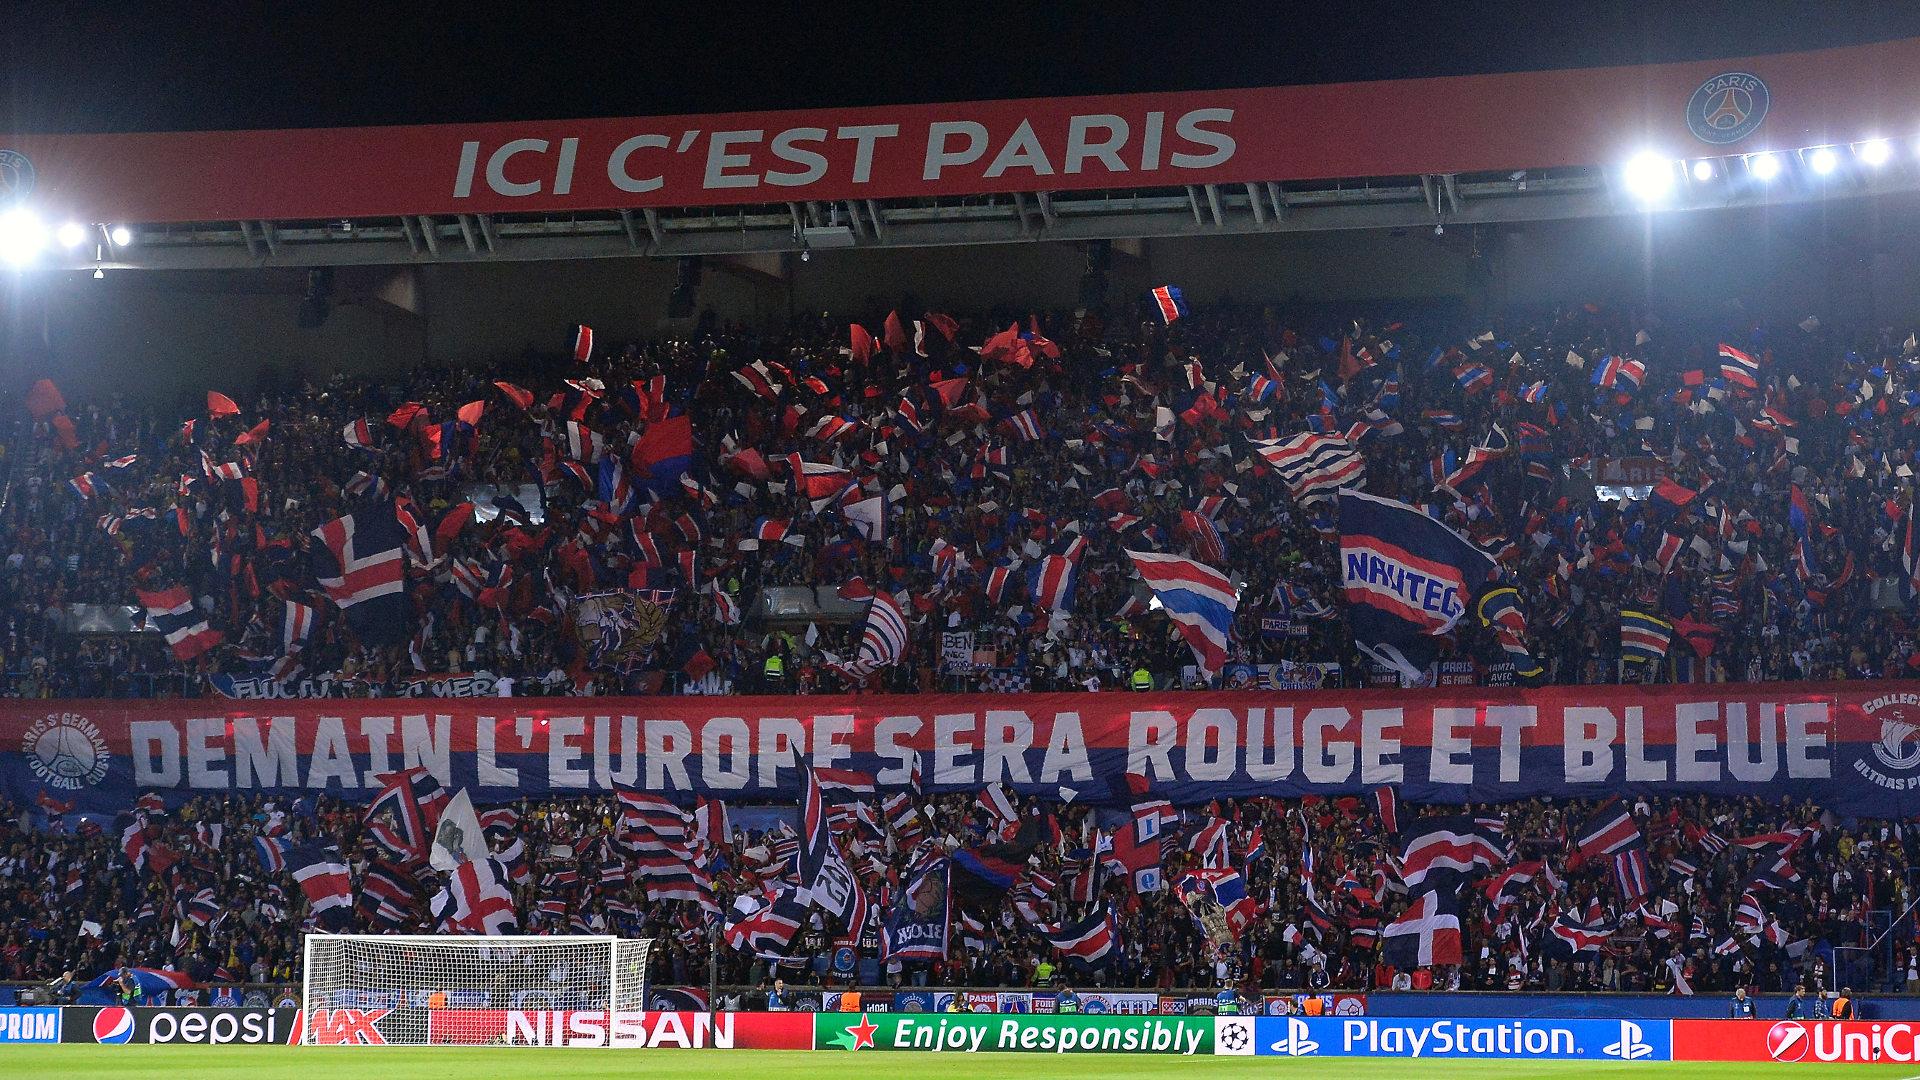 """PSG - Auteuil s'en prend aux joueurs : """"Portez vos cou*****"""""""